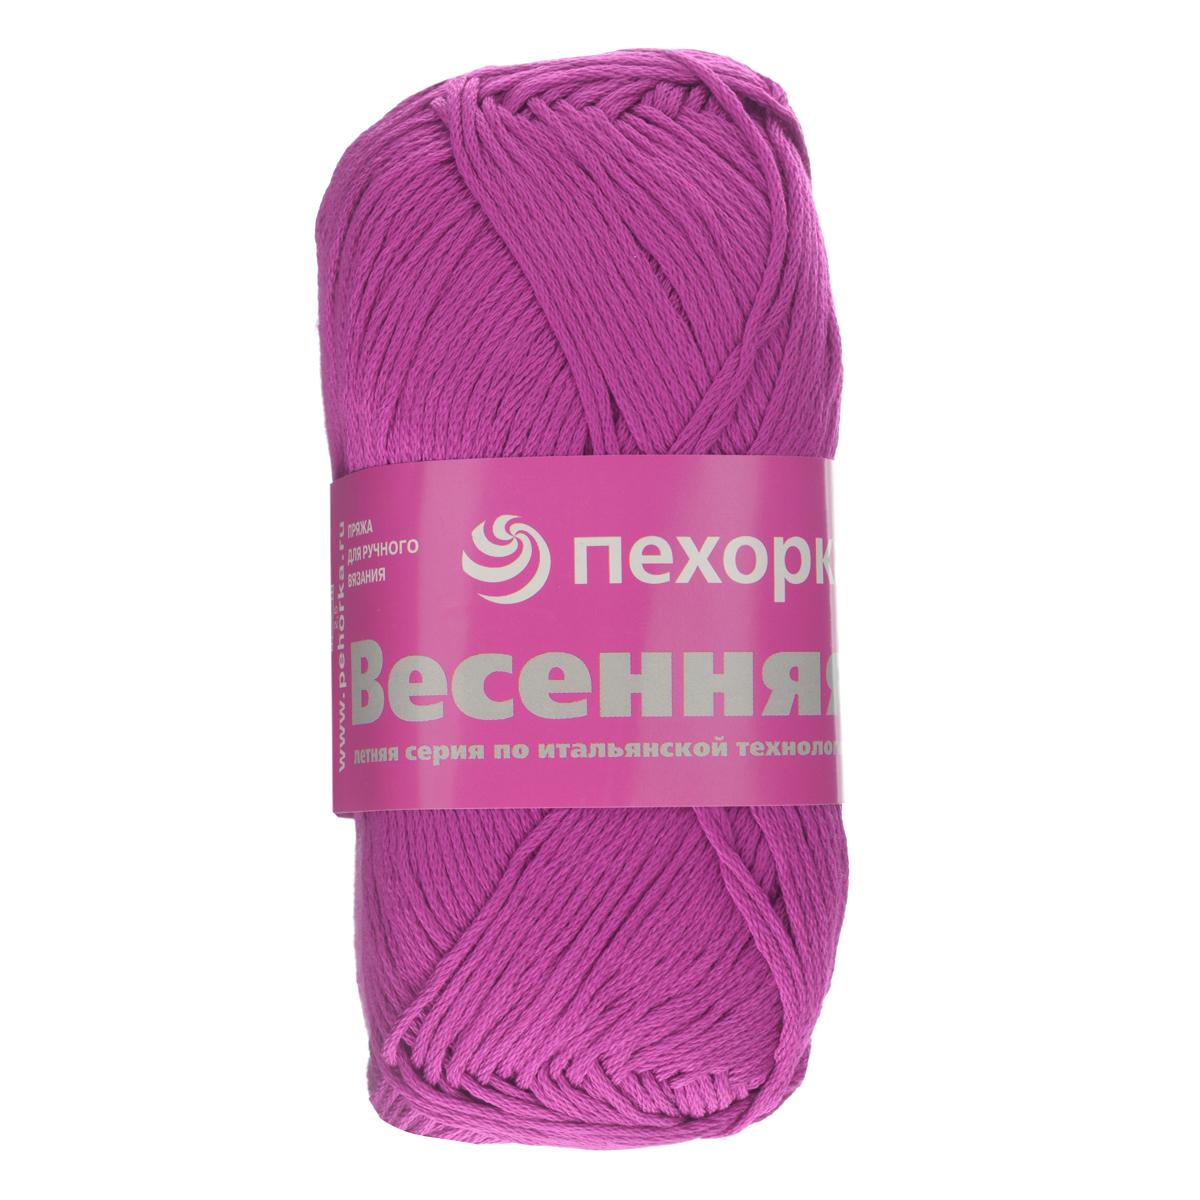 Пряжа для вязания Пехорка Весенняя, цвет: темно-лиловый (87), 250 м, 100 г, 5 шт360069_87_87-Т.лиловыйФактура пряжи Пехорка Весенняя представлена стабильной веревочкой. Изготовлена из 100% мерсеризованного хлопка. Толщина нити идеально подходит для изделий, которые можно носить в летнюю прохладную погоду. Гигиенична, приятна для тела. Рекомендуемый размер спиц №3,5-4. Состав: 100% мерсеризованный хлопок.